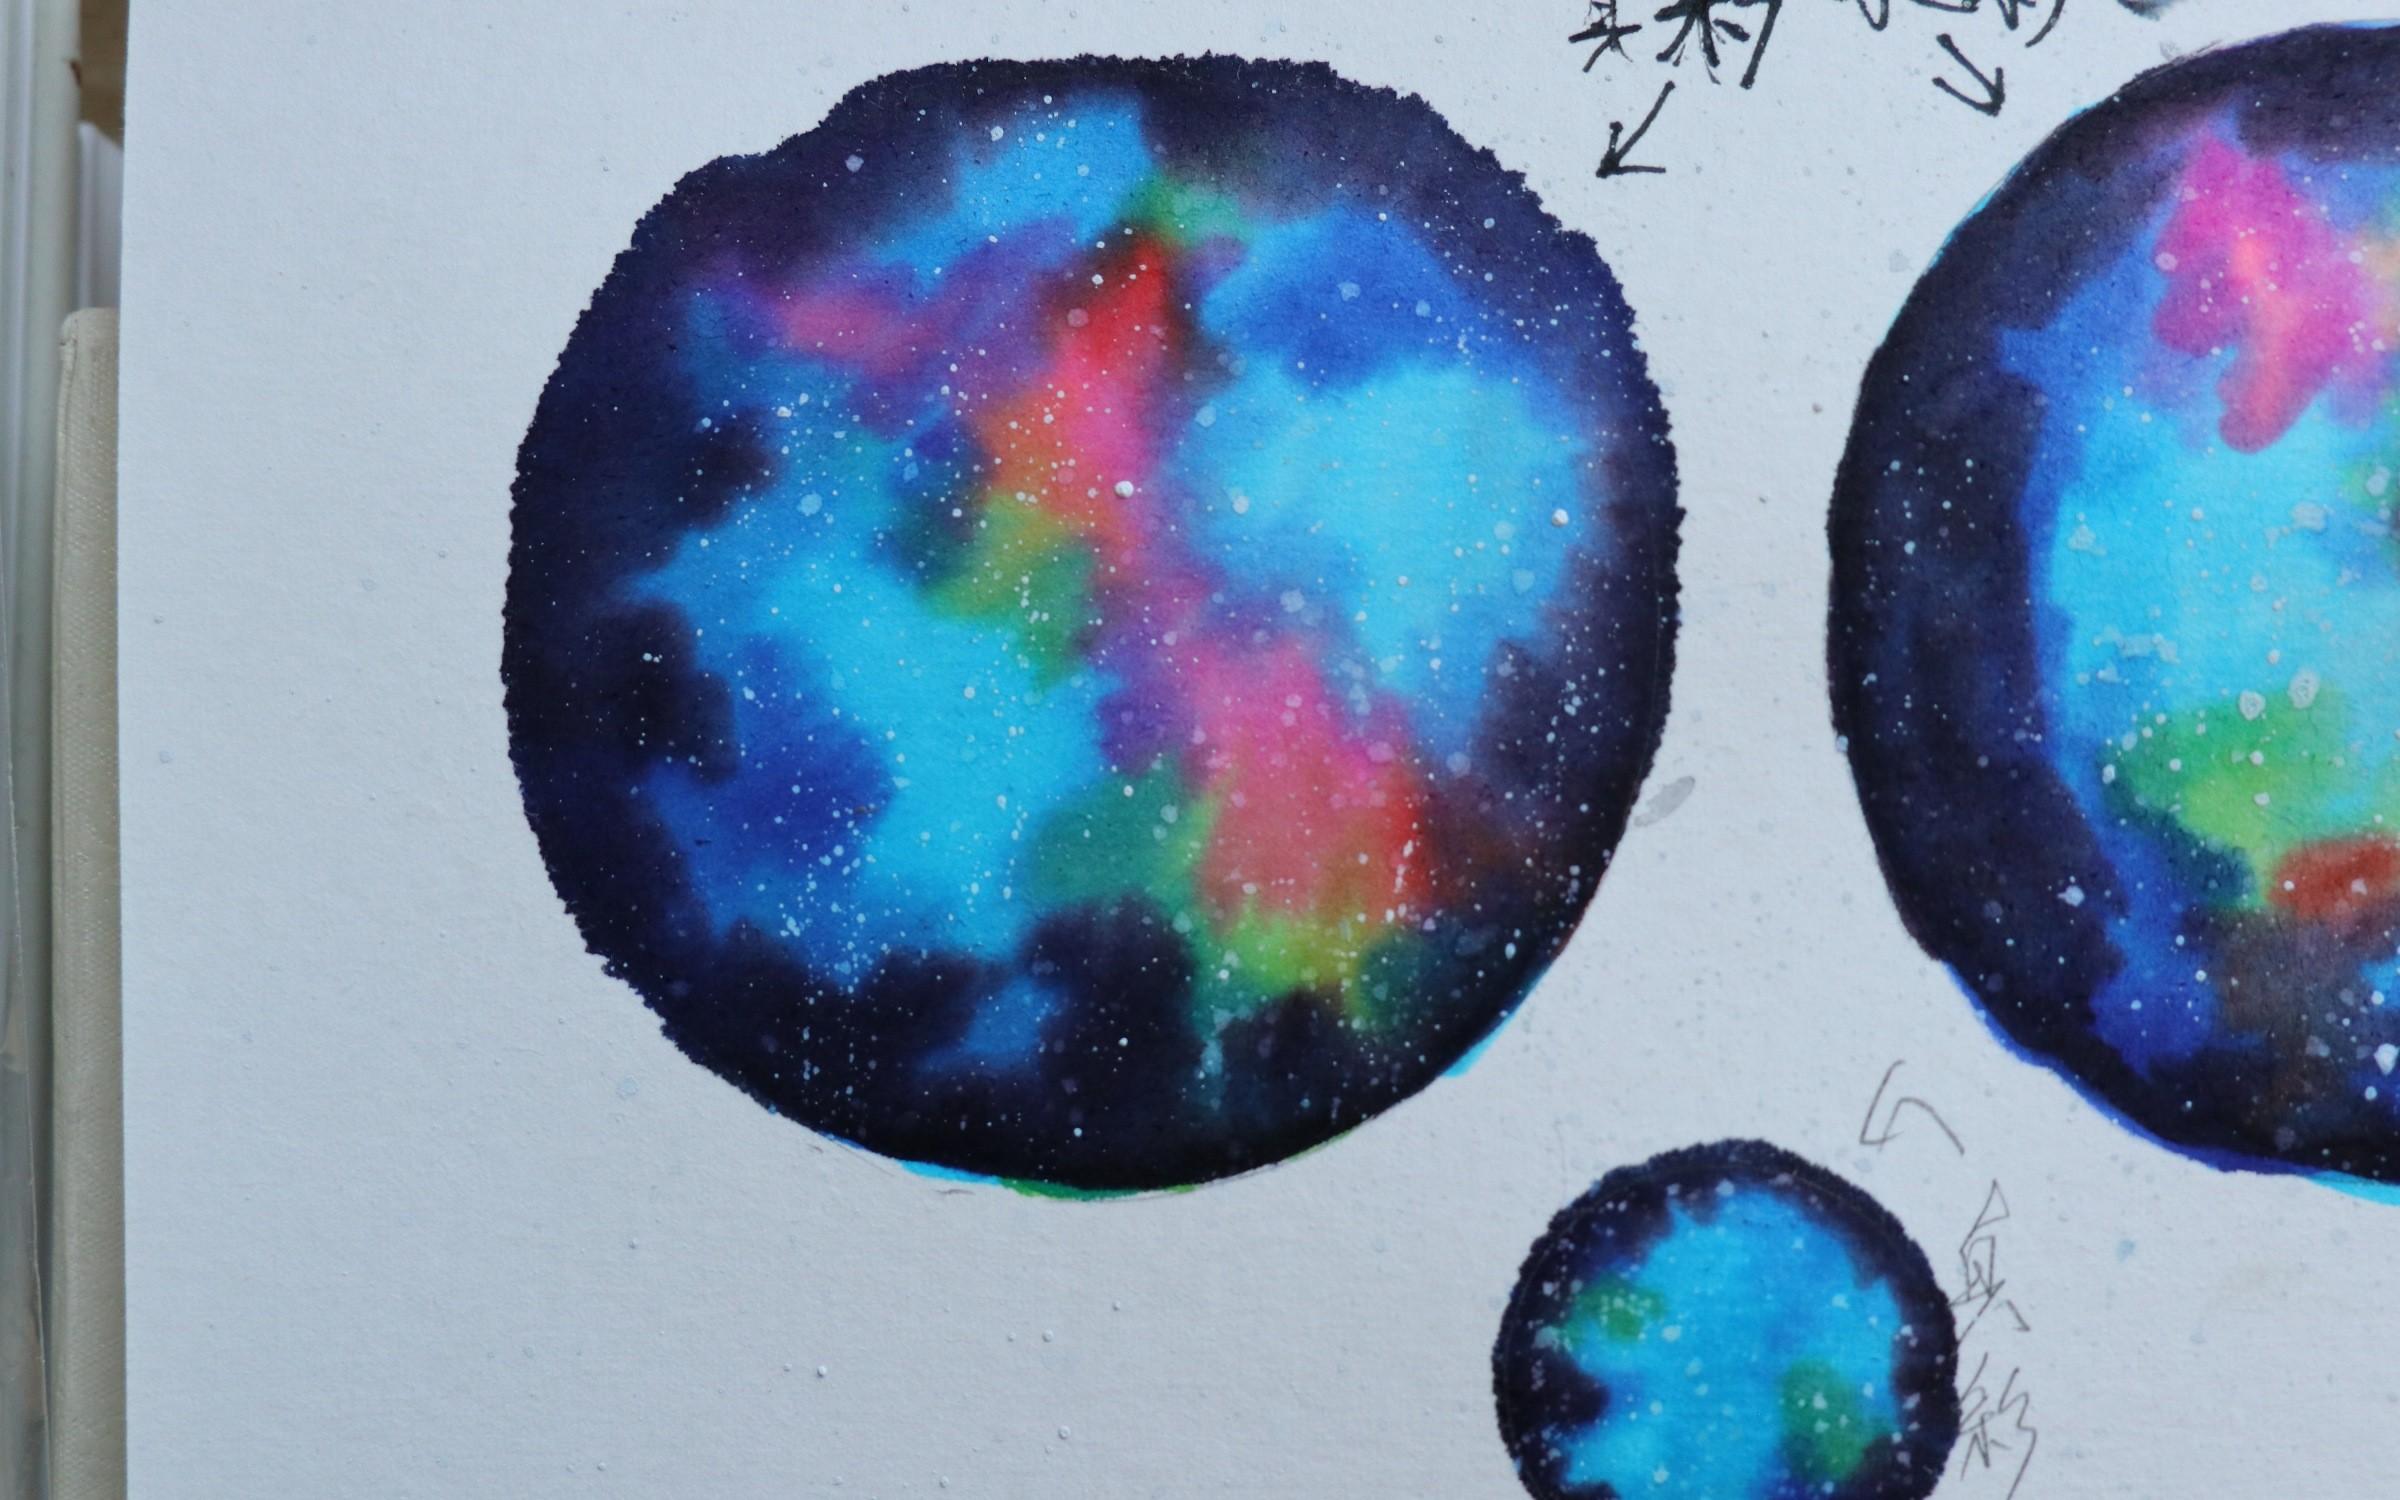 颜料画星空 视频在线观看 爱奇艺搜索